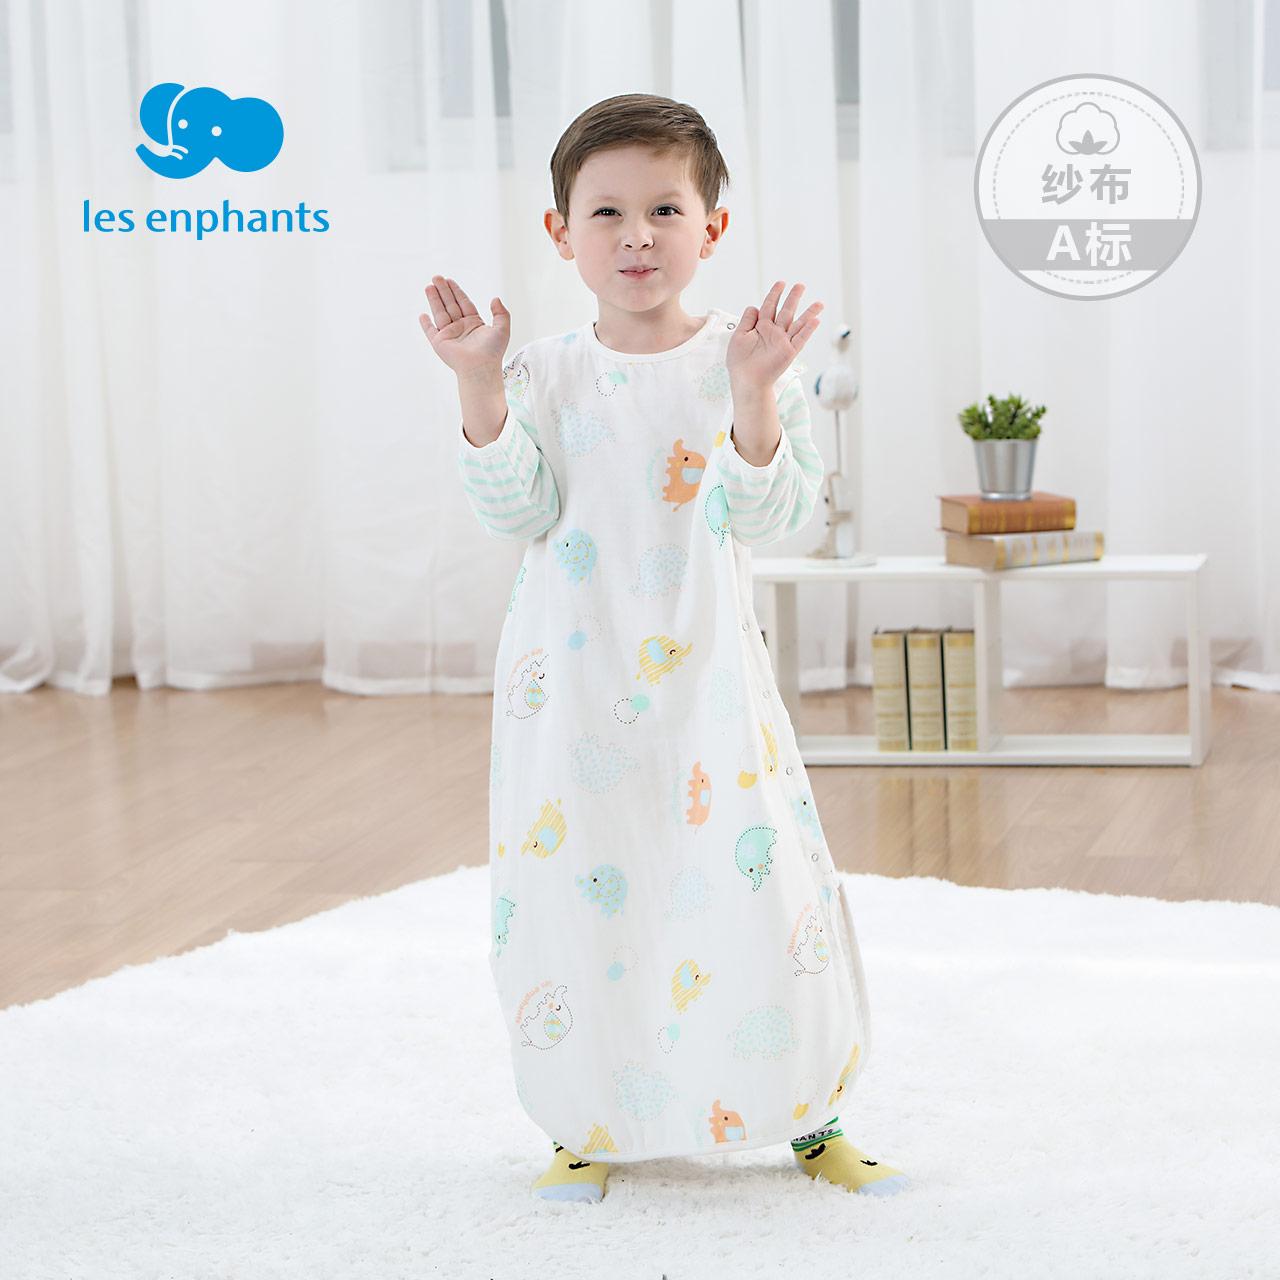 麗嬰房の寝具は男女の子供ガーゼの寝服は寝袋が薄いです。夏の寝袋は赤ちゃんのエアコンがスリーピング袋の新型を蹴ります。